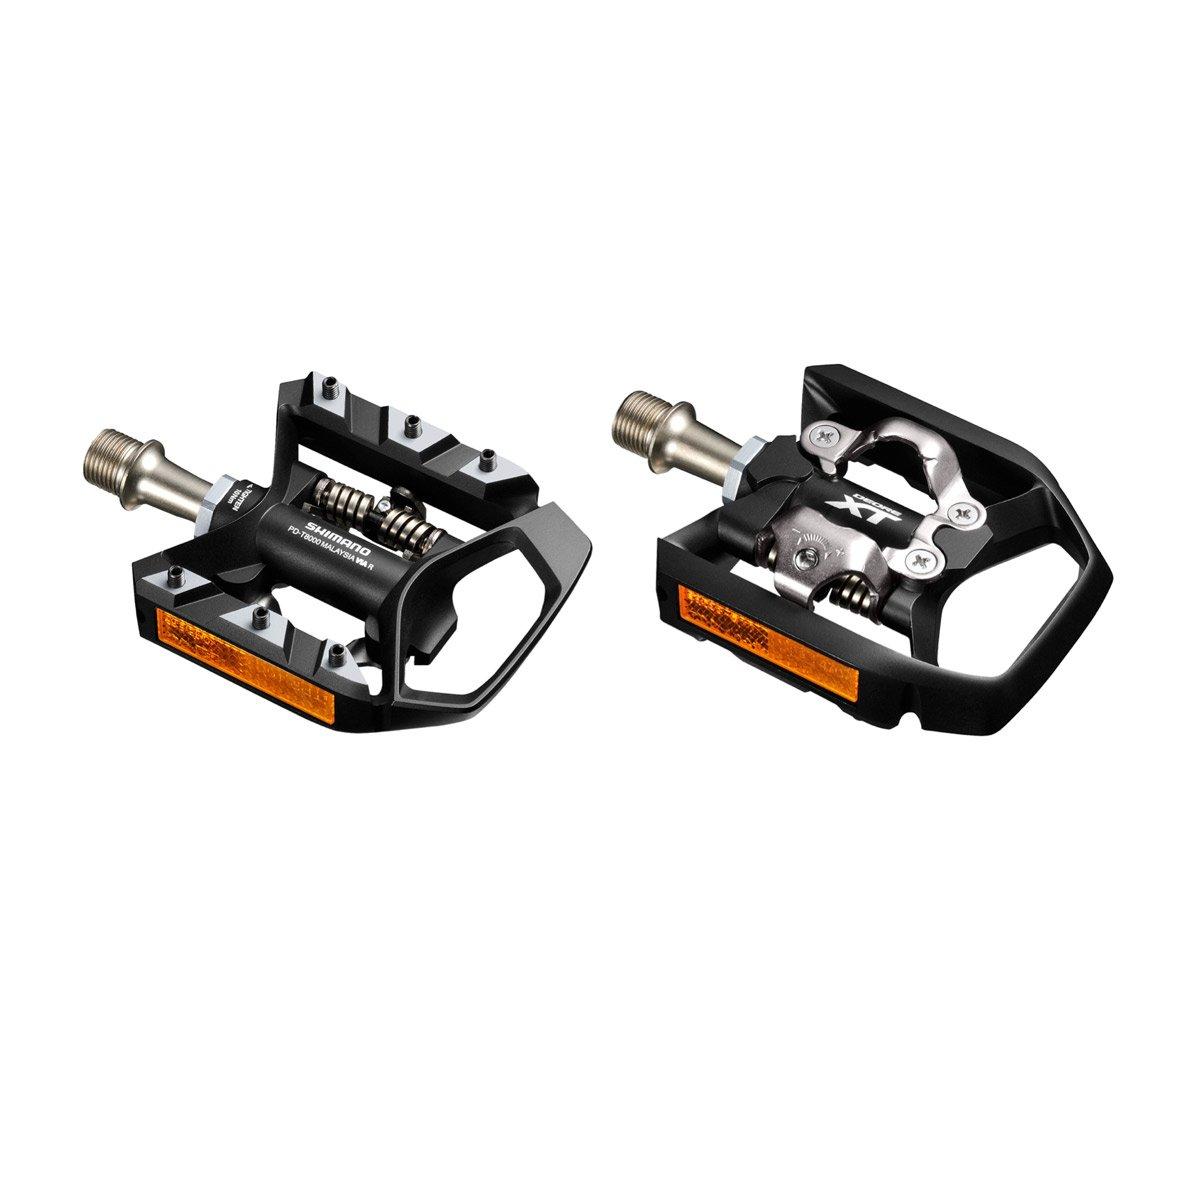 Контактные педали Shimano XT T8000 SPD